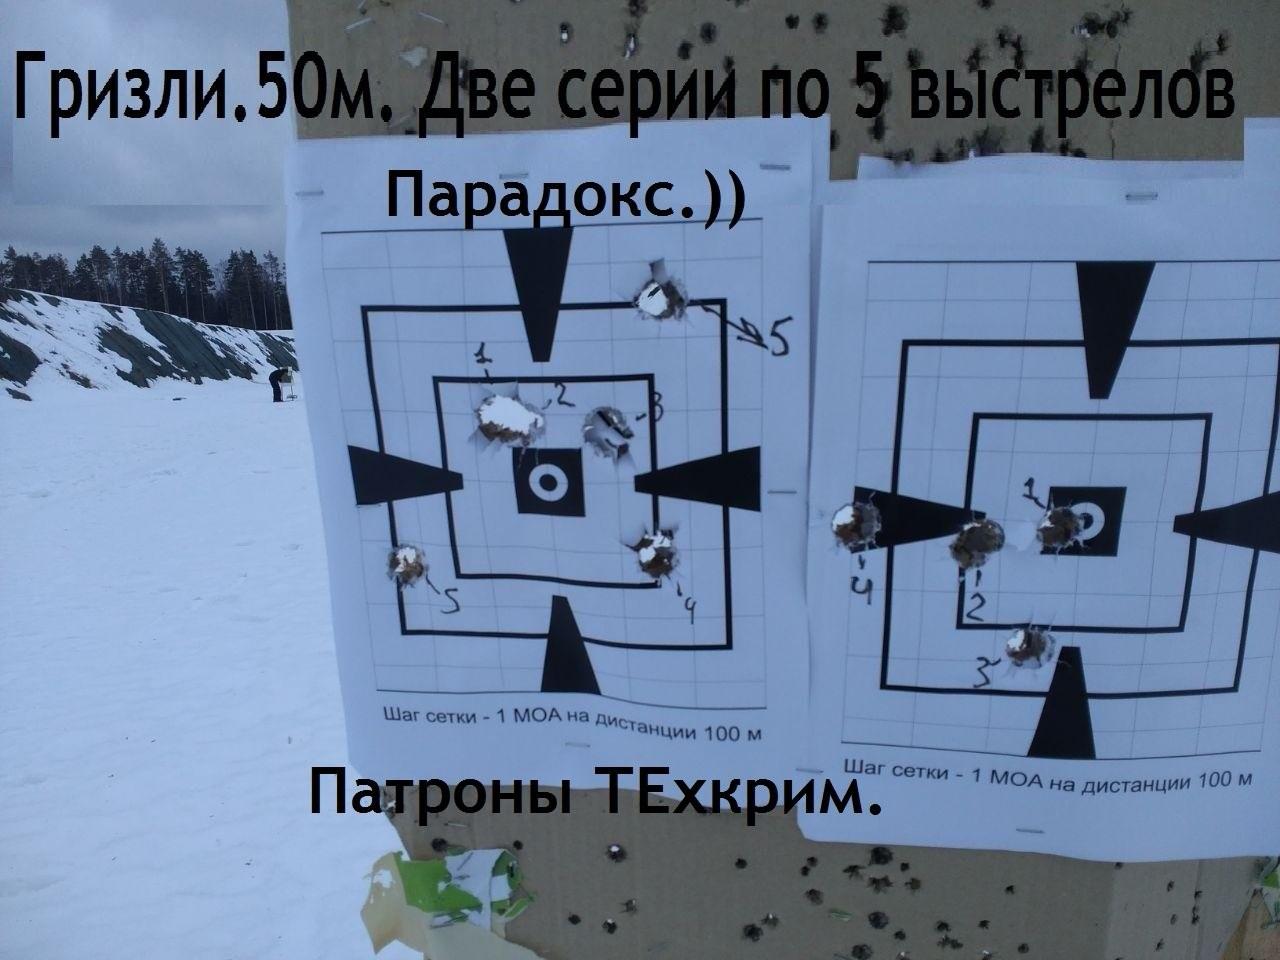 24493981_2614.jpg